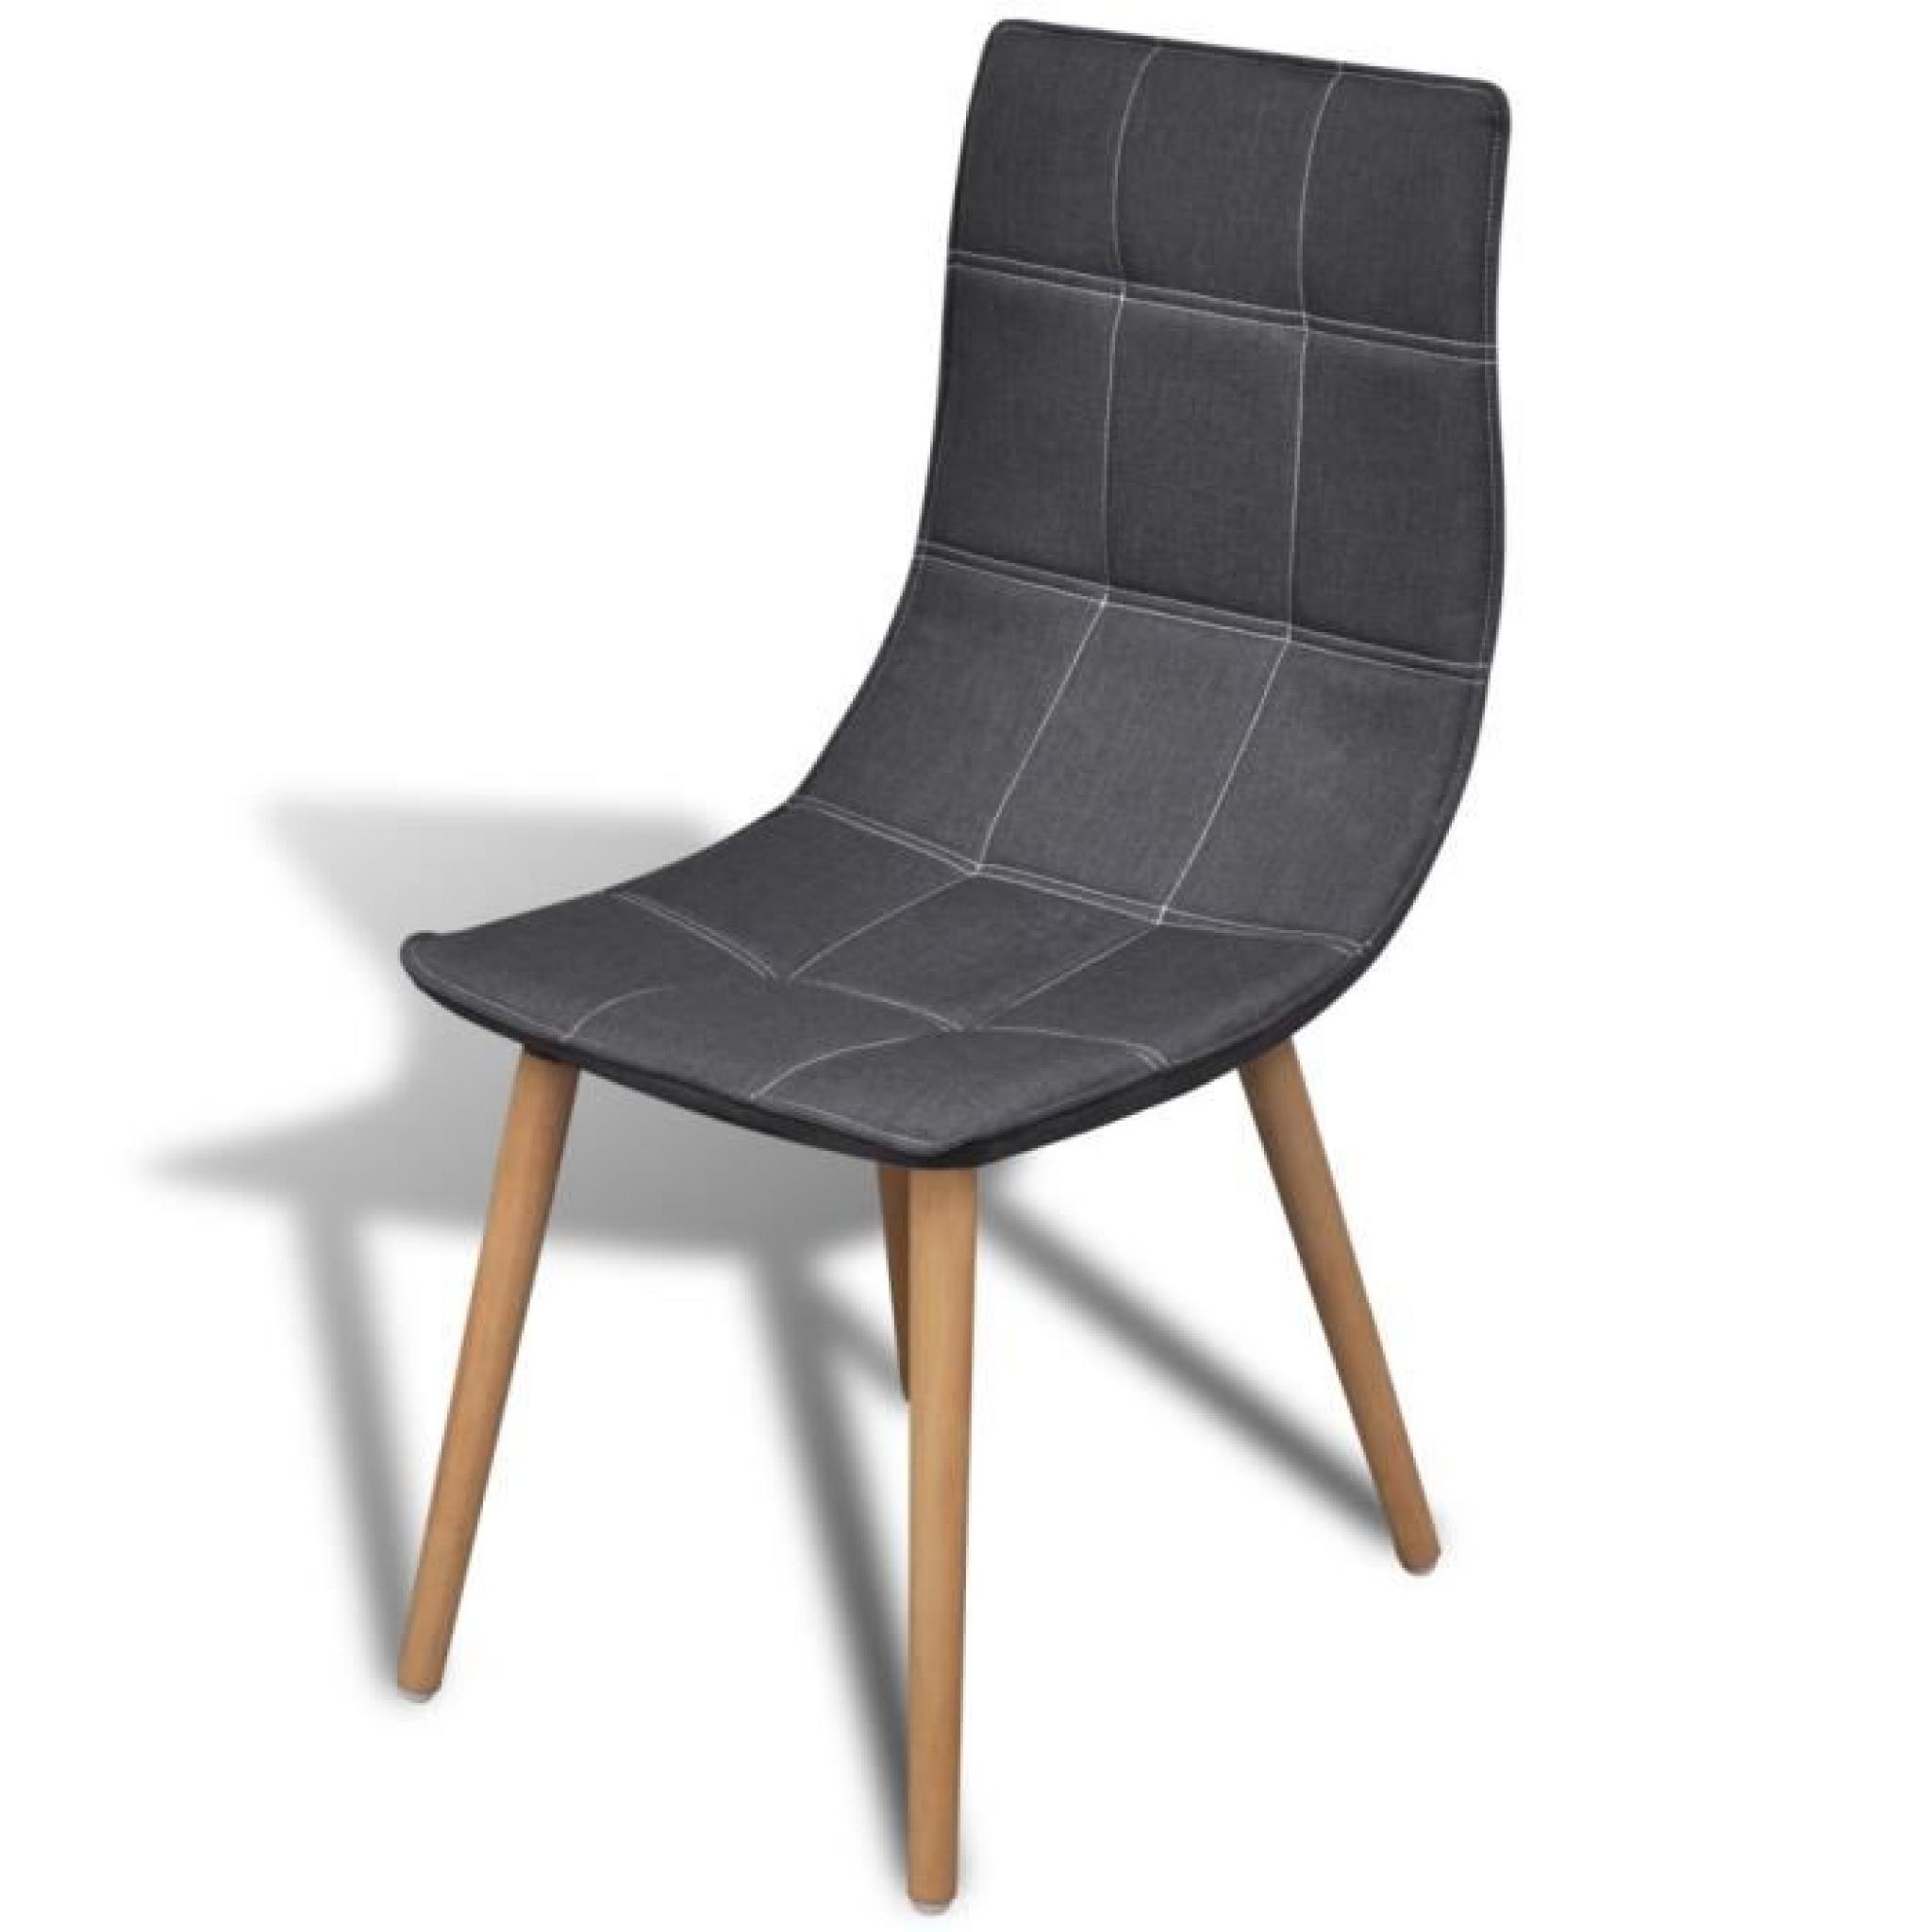 4 Chaises de salle à manger Gris foncé - Achat/Vente chaise salle a ...